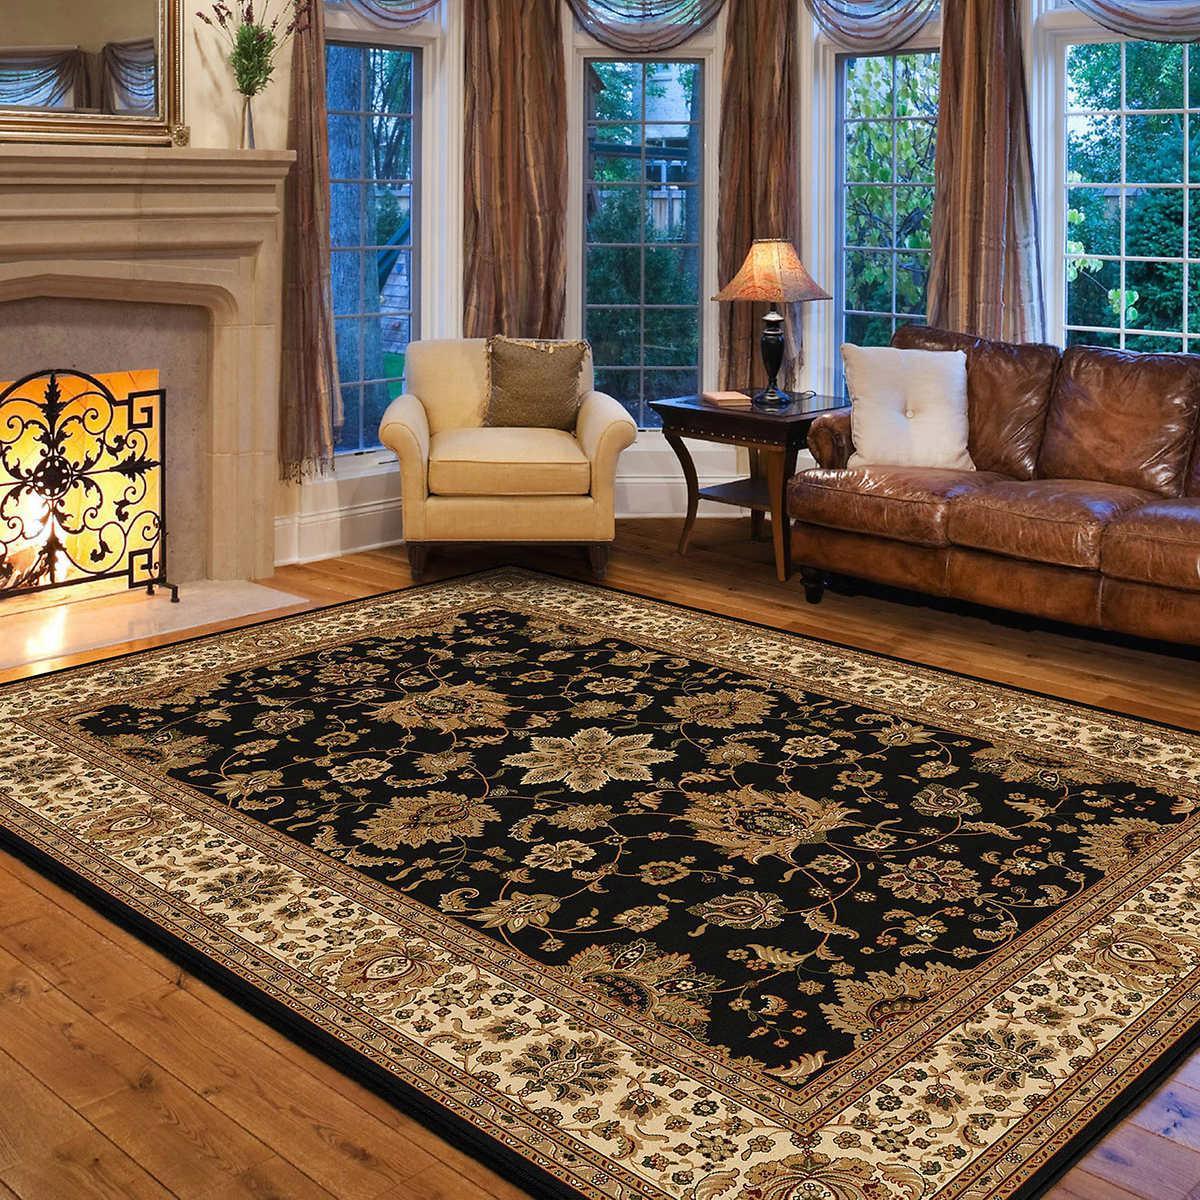 красивые ковры на пол картинки индиго яркий